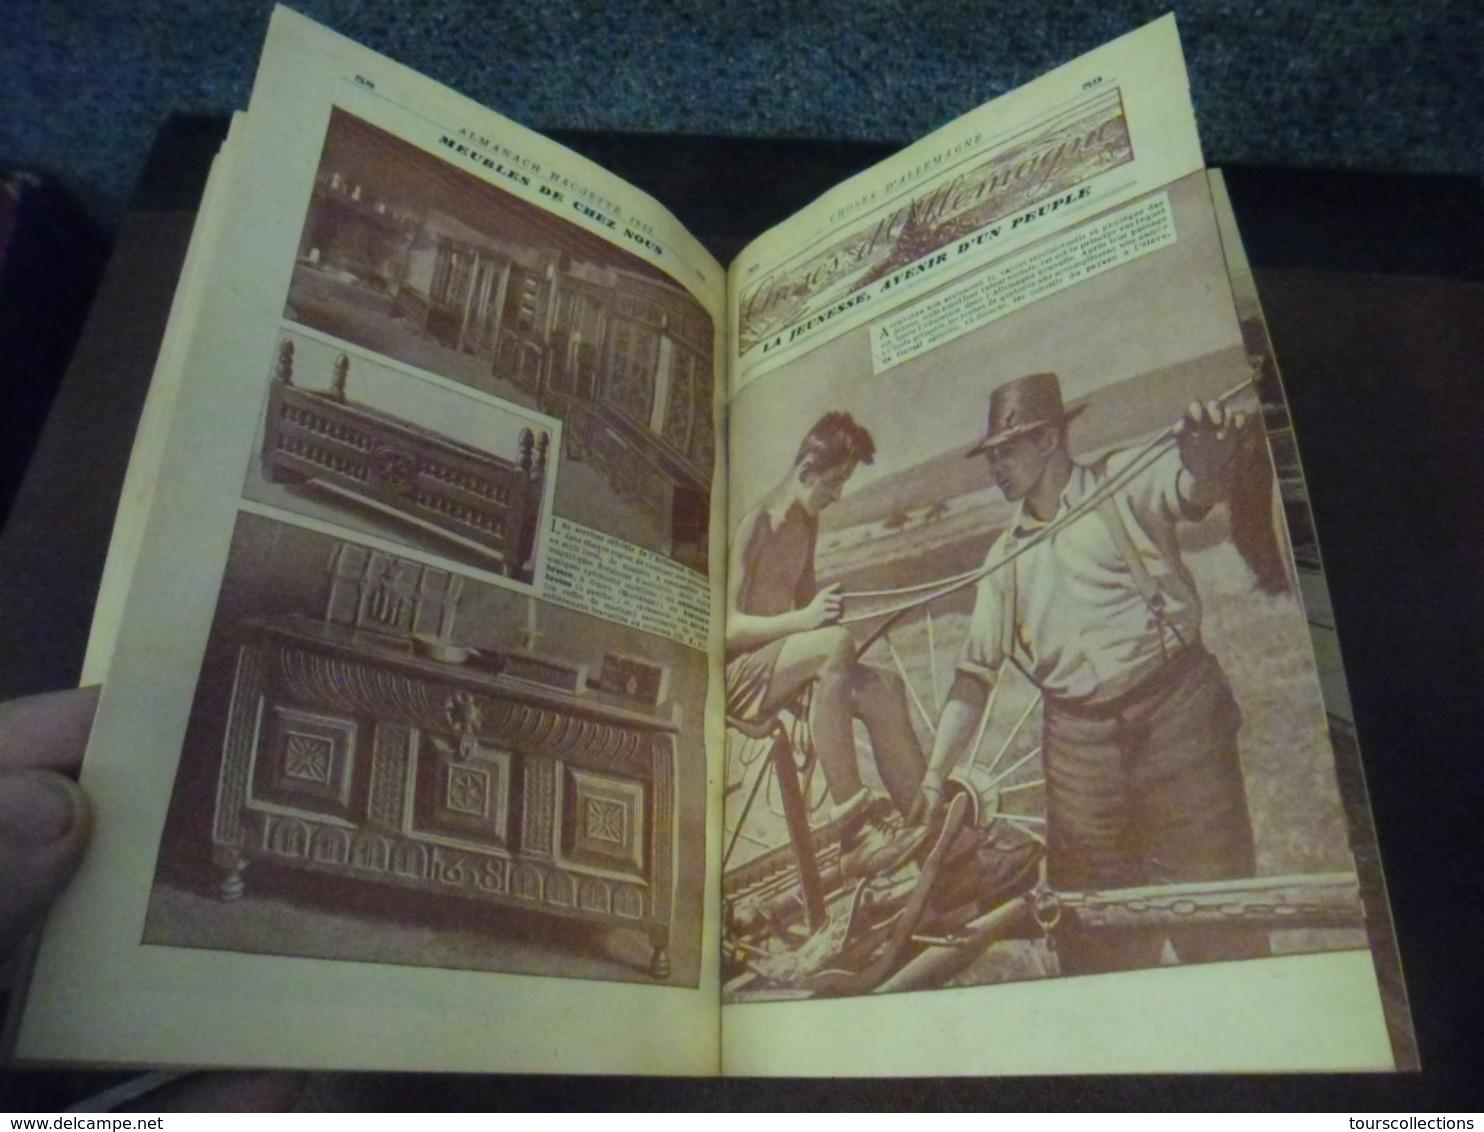 ALMANACH 1943 - ALMANACH HACHETTE - Petite Encyclopédie Populaire De La Vie Pratique - Rare Dans Cet état Période Guerre - Calendriers